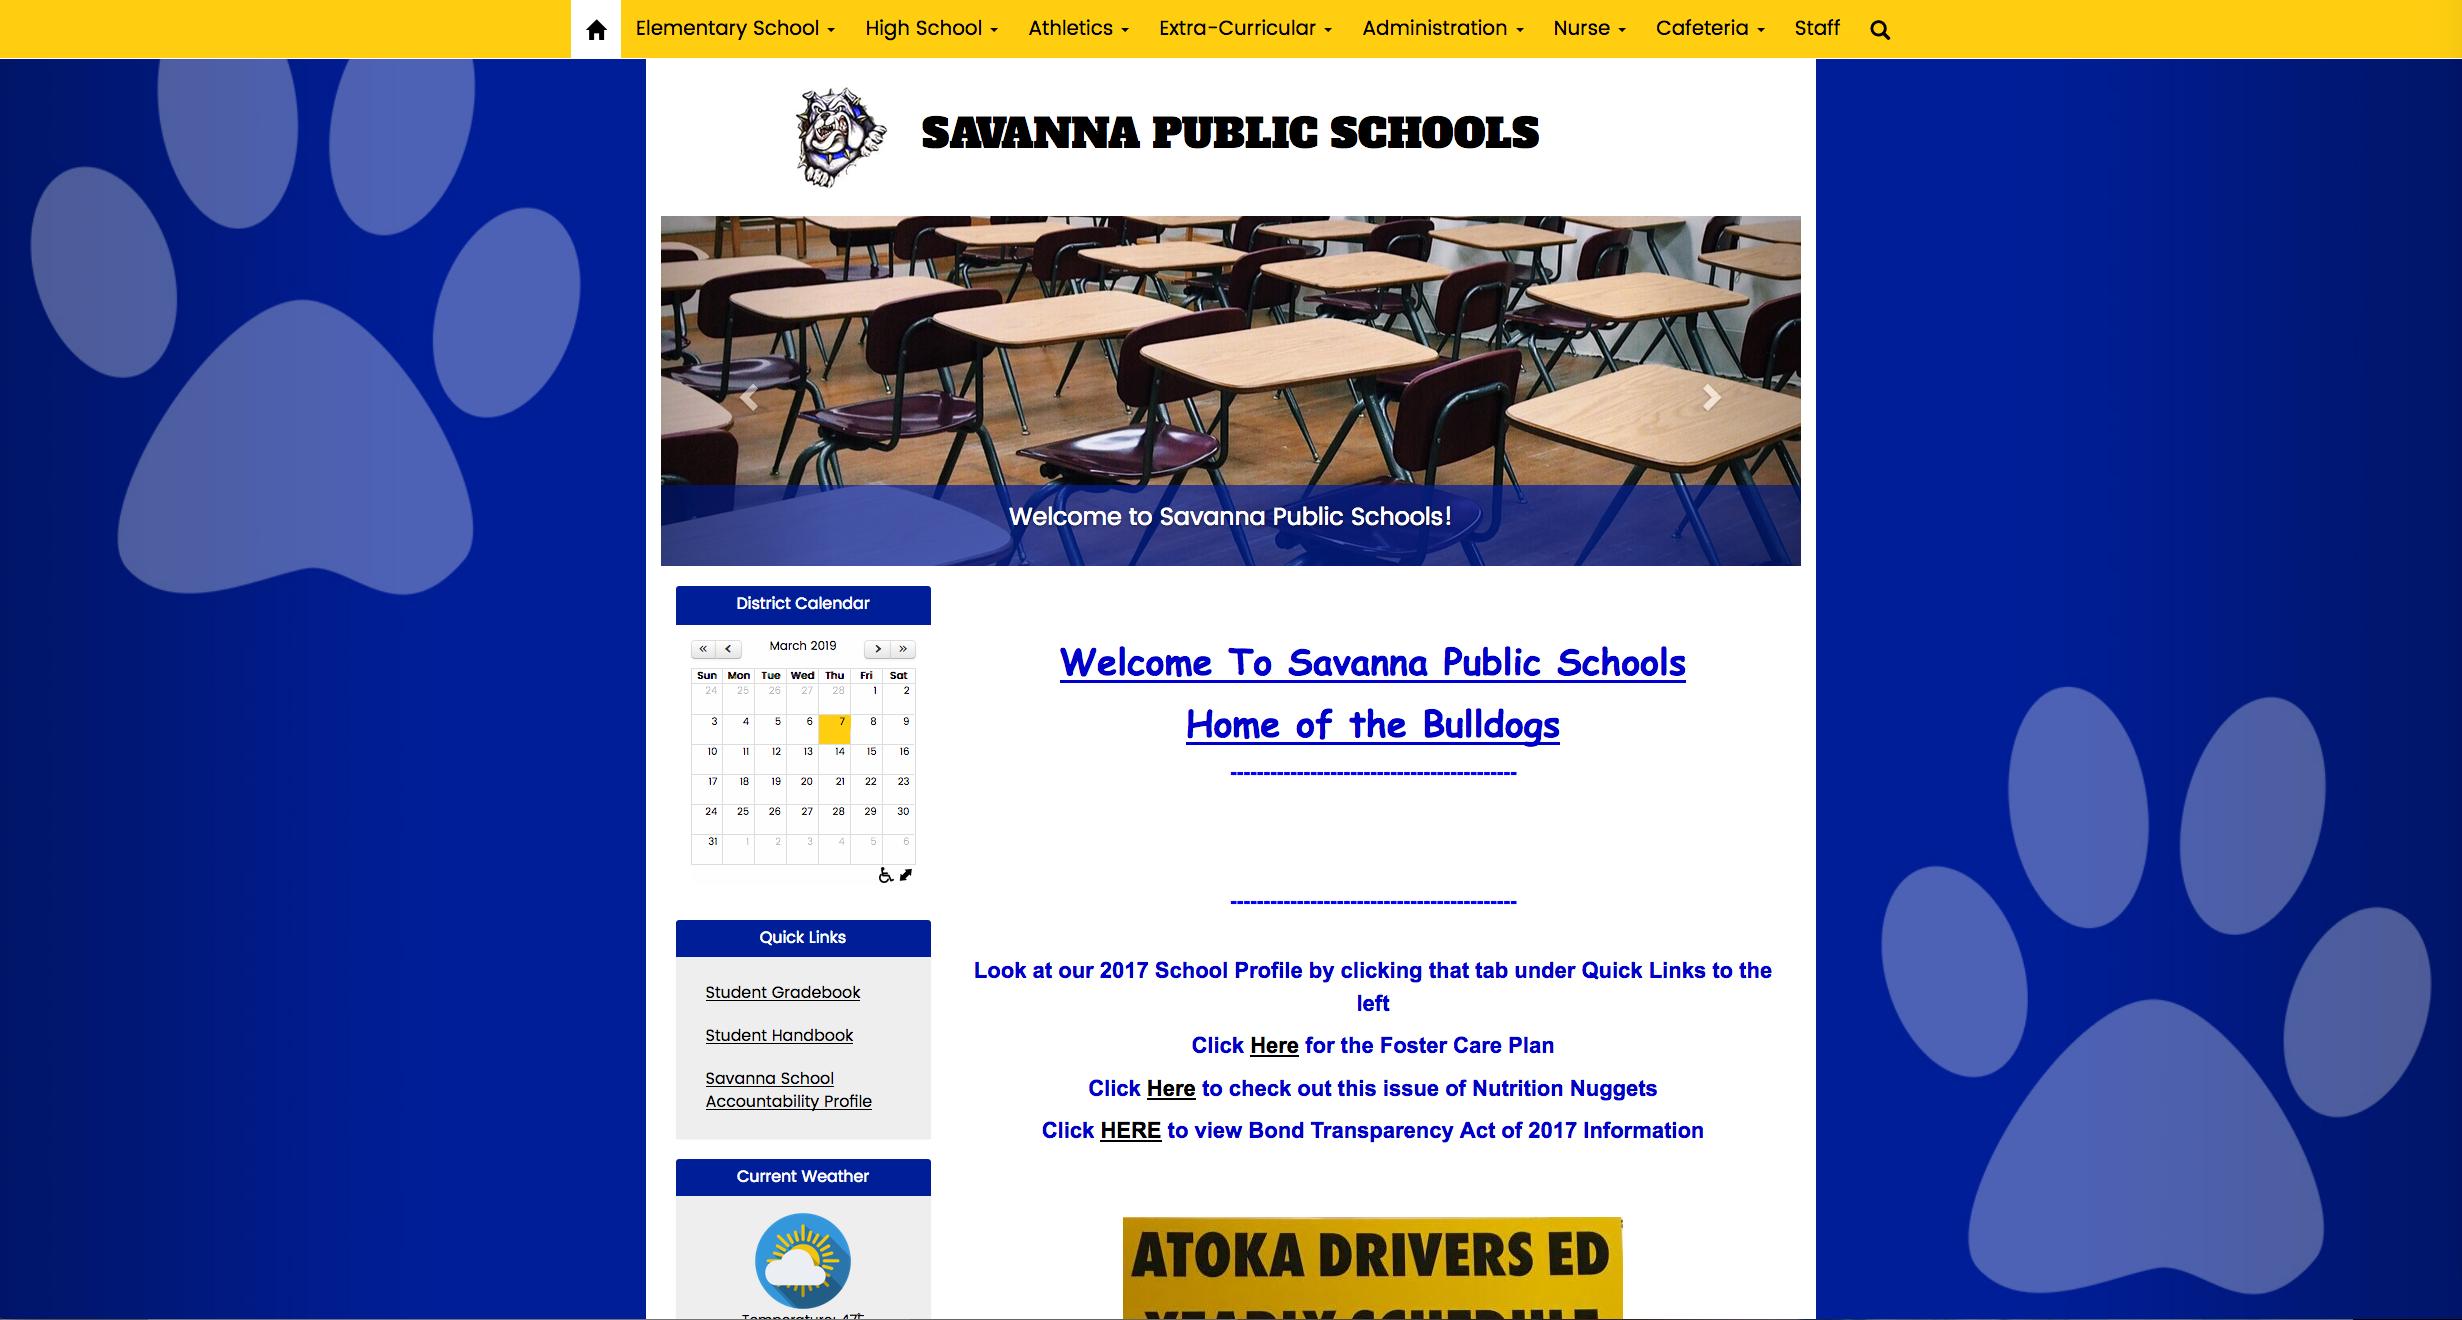 Savanna Public Schools